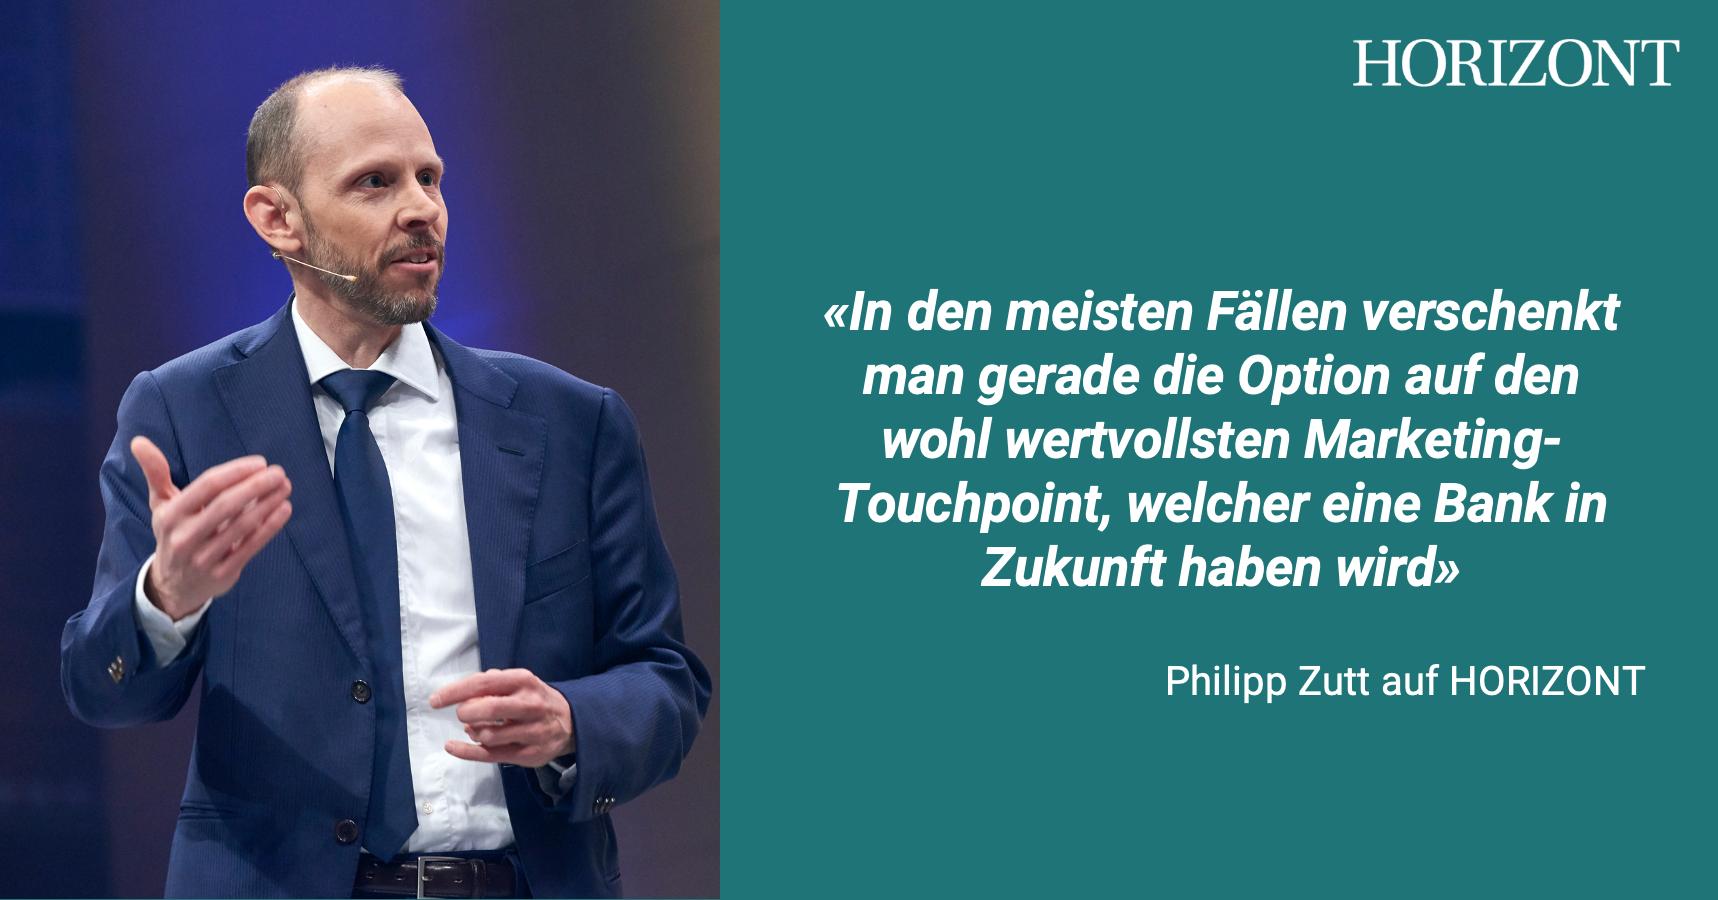 Philipp Zutt erklärt im Interview mit HORIZONT was der Touchpoint der Zukunft ist.